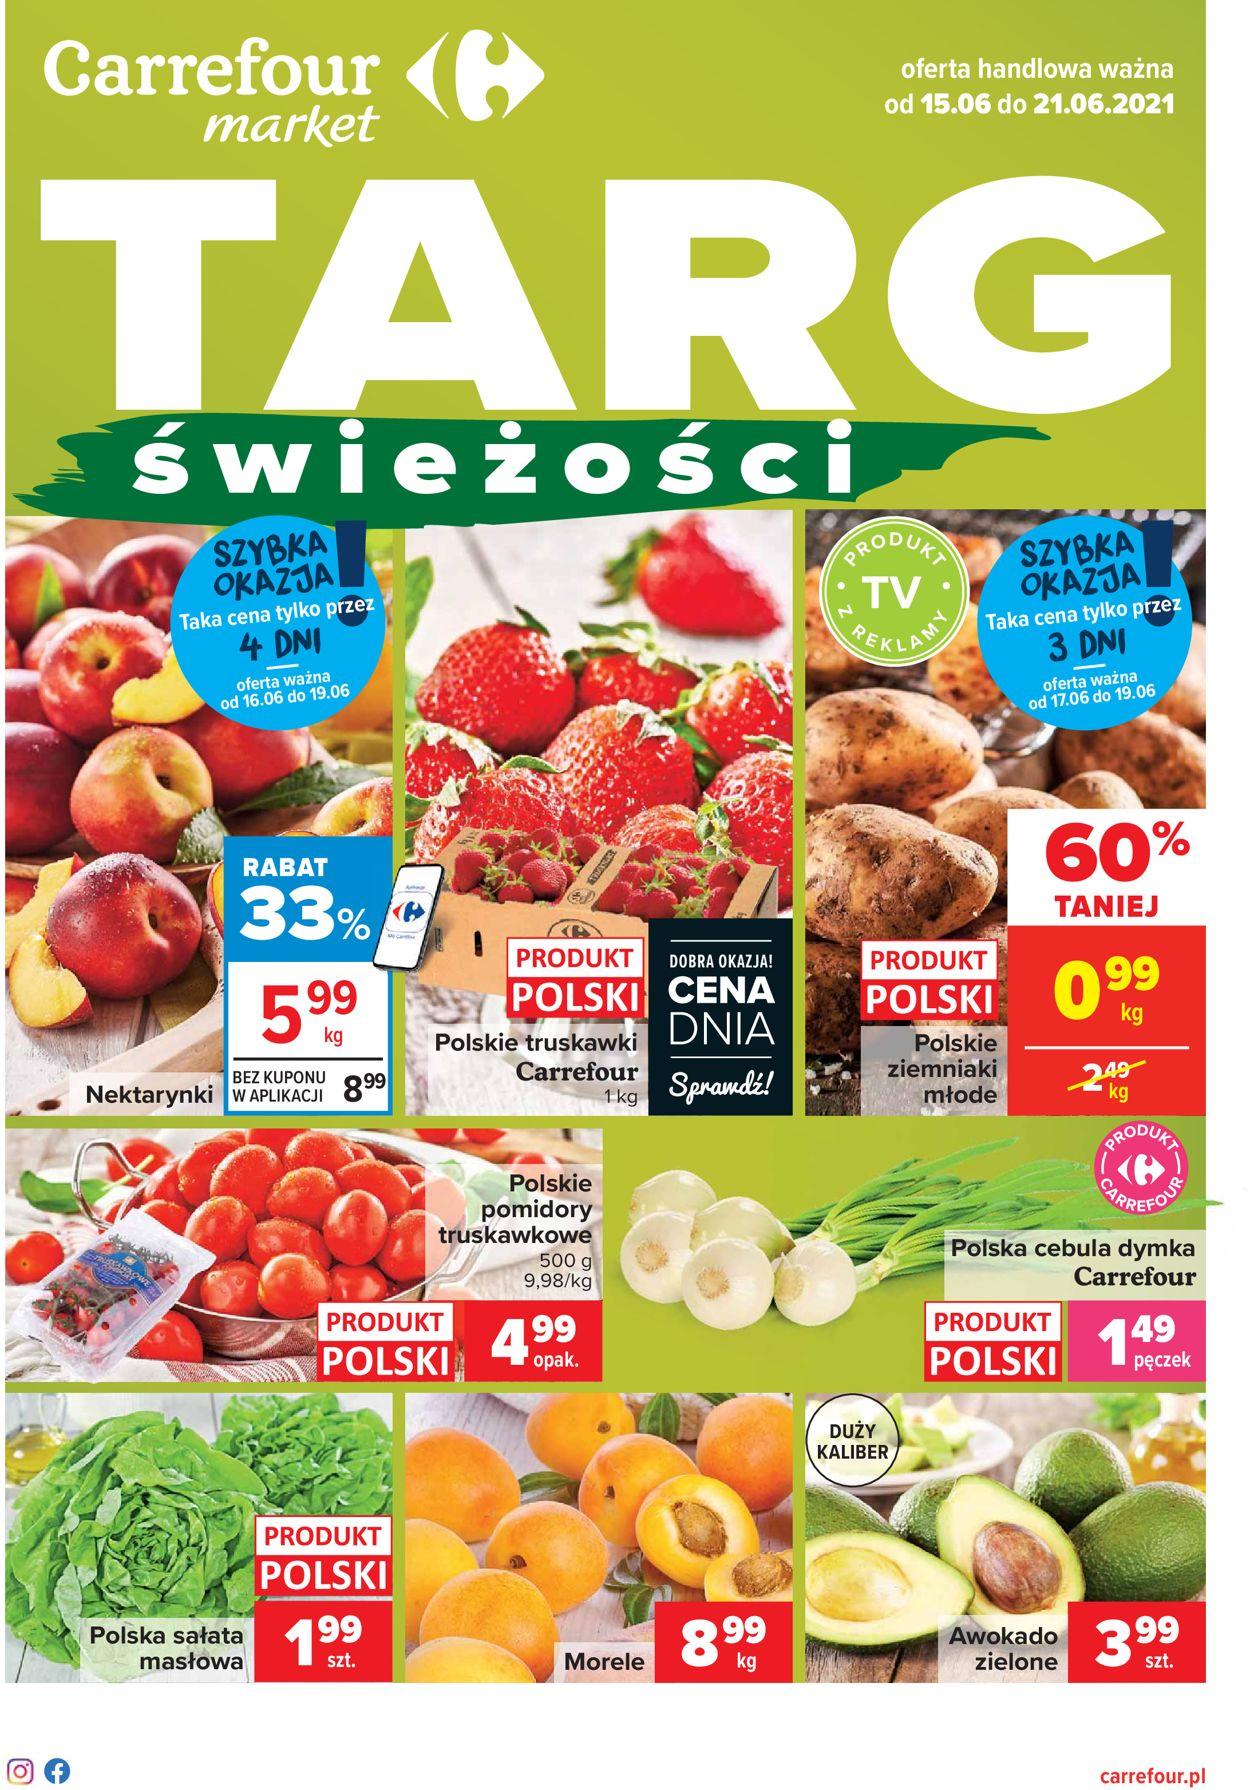 Gazetka promocyjna Carrefour - 15.06-21.06.2021